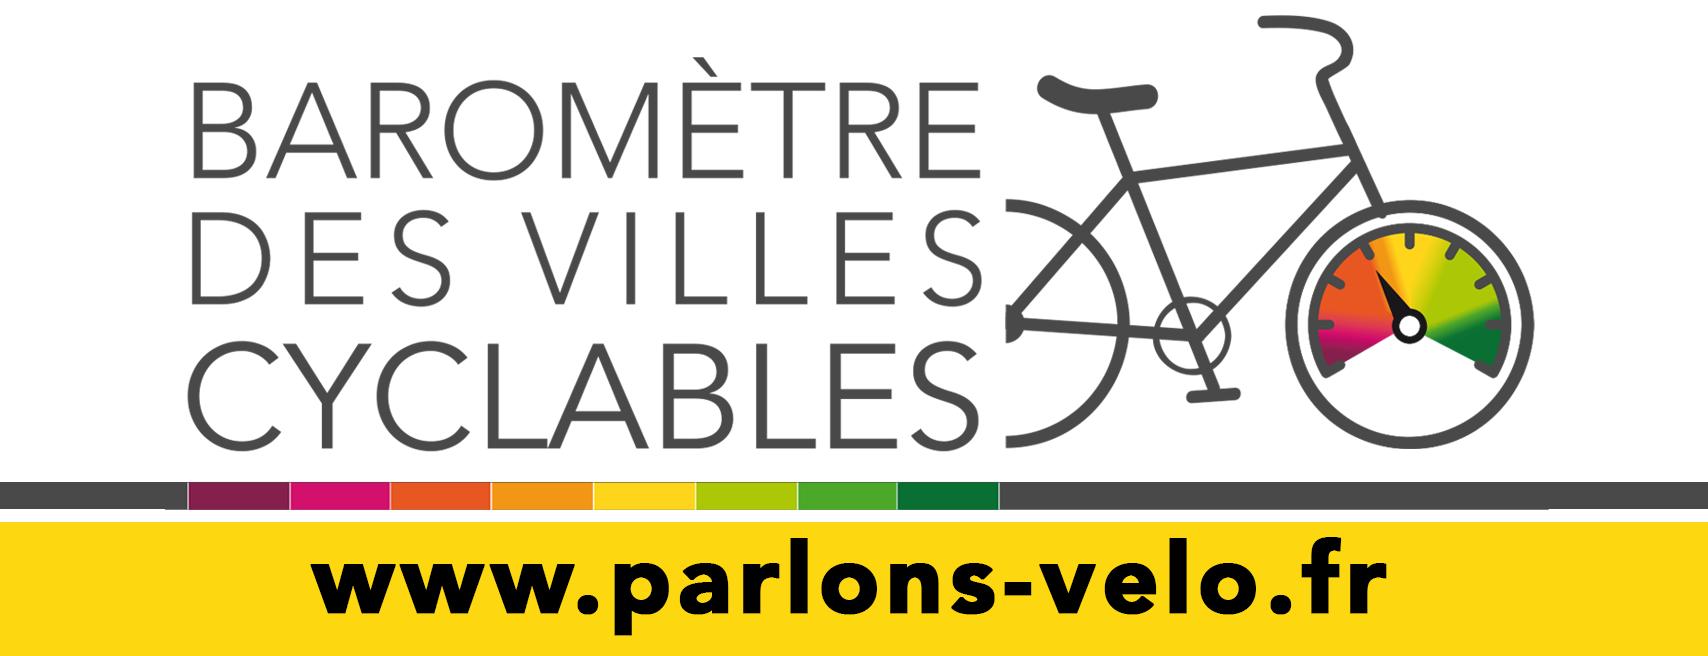 Plus que quelques semaines pour répondre à l' #enquête de @parlonsvelo_fub sur les pratiques du #vélo urbain ! C'est par ici >>parlons-velo.fr#véloenville #faireduvélo #pistecyclable #Lormont #gironde #ParlonsVélo